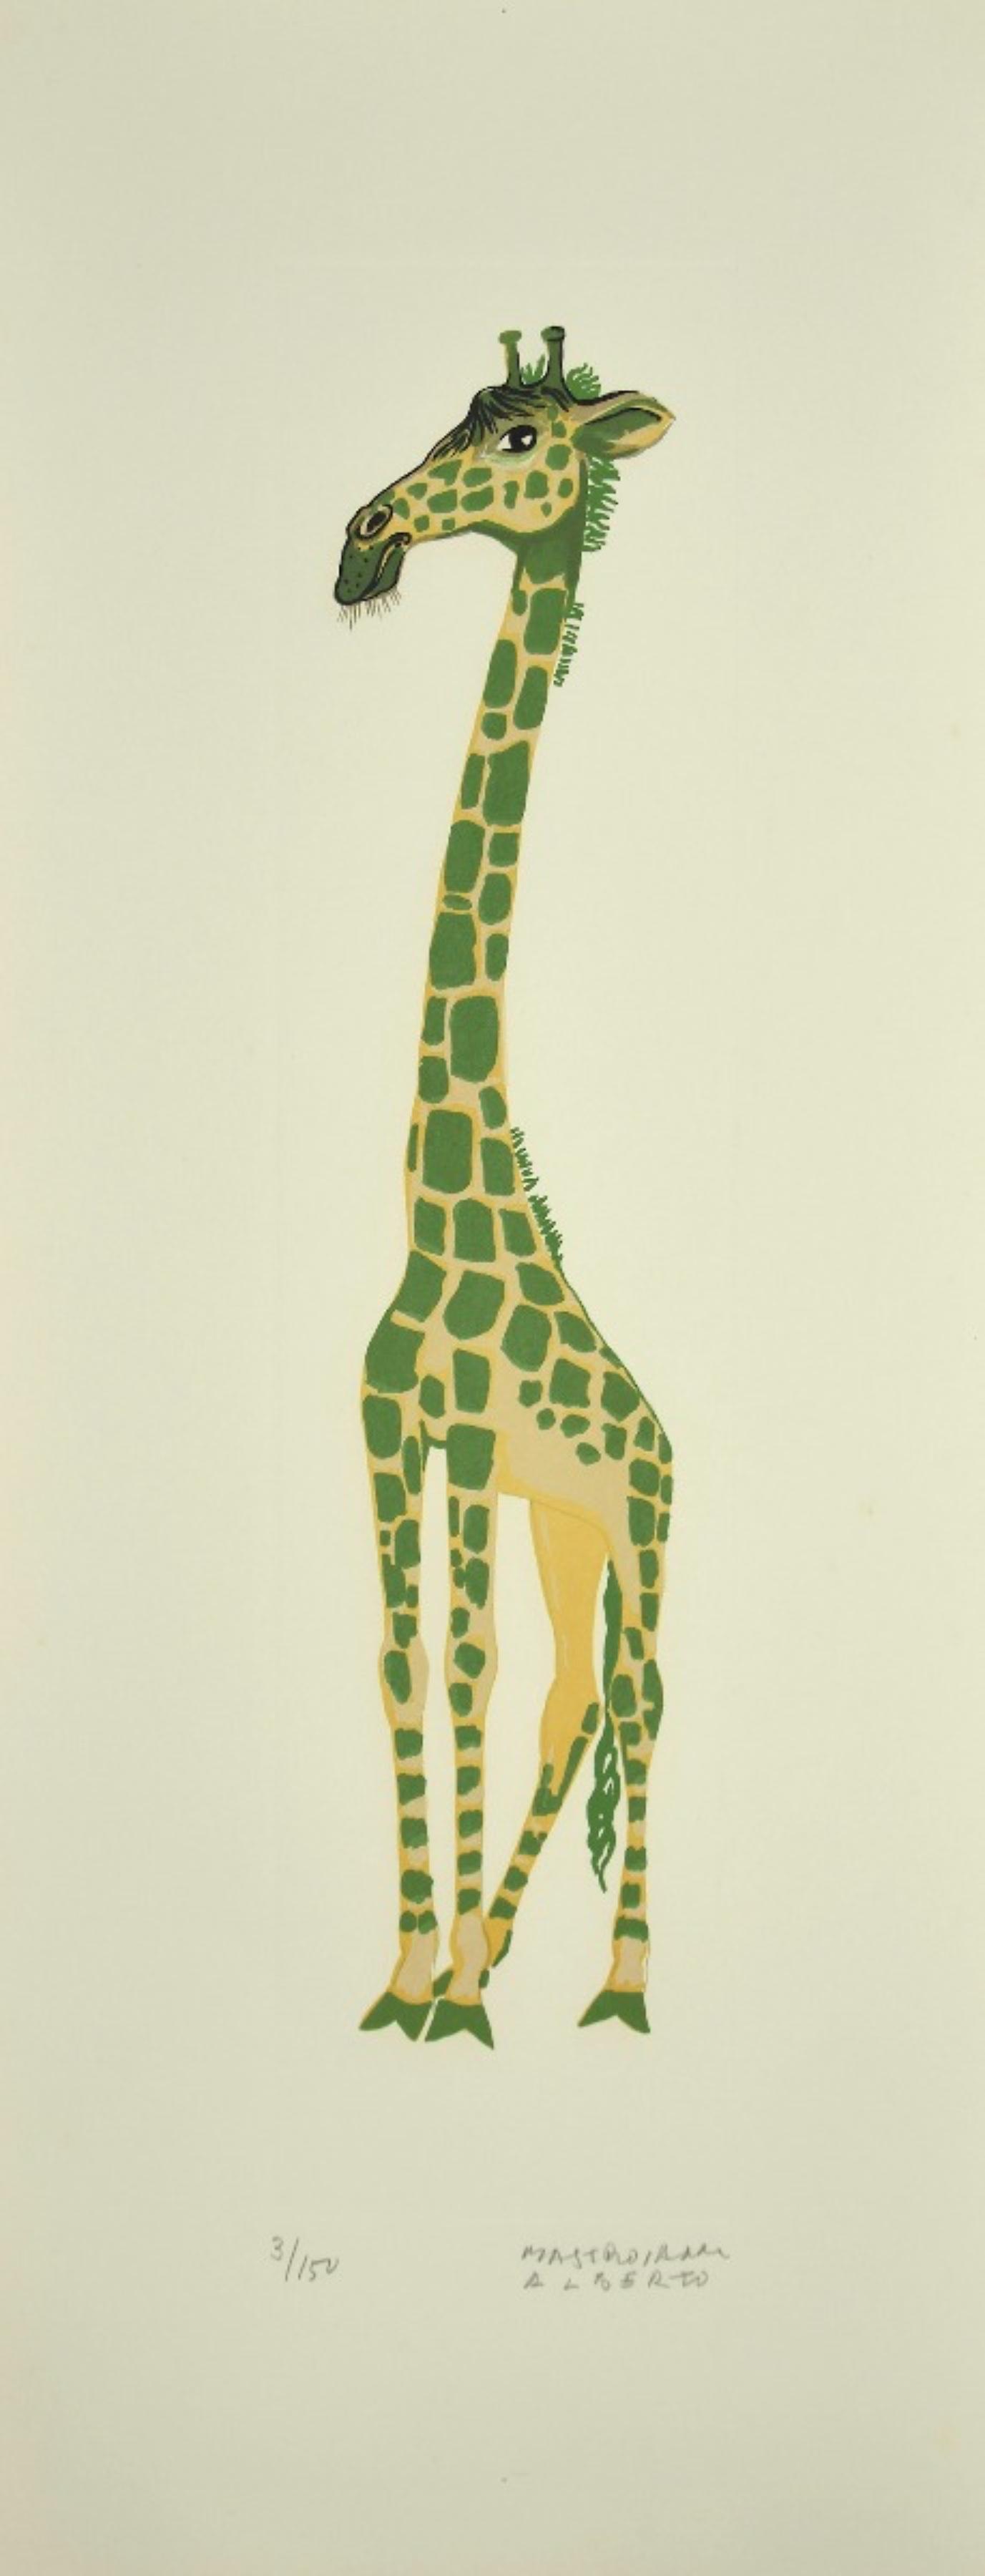 Girafe - Original Lithograph by Alberto Mastroianni - 1970s